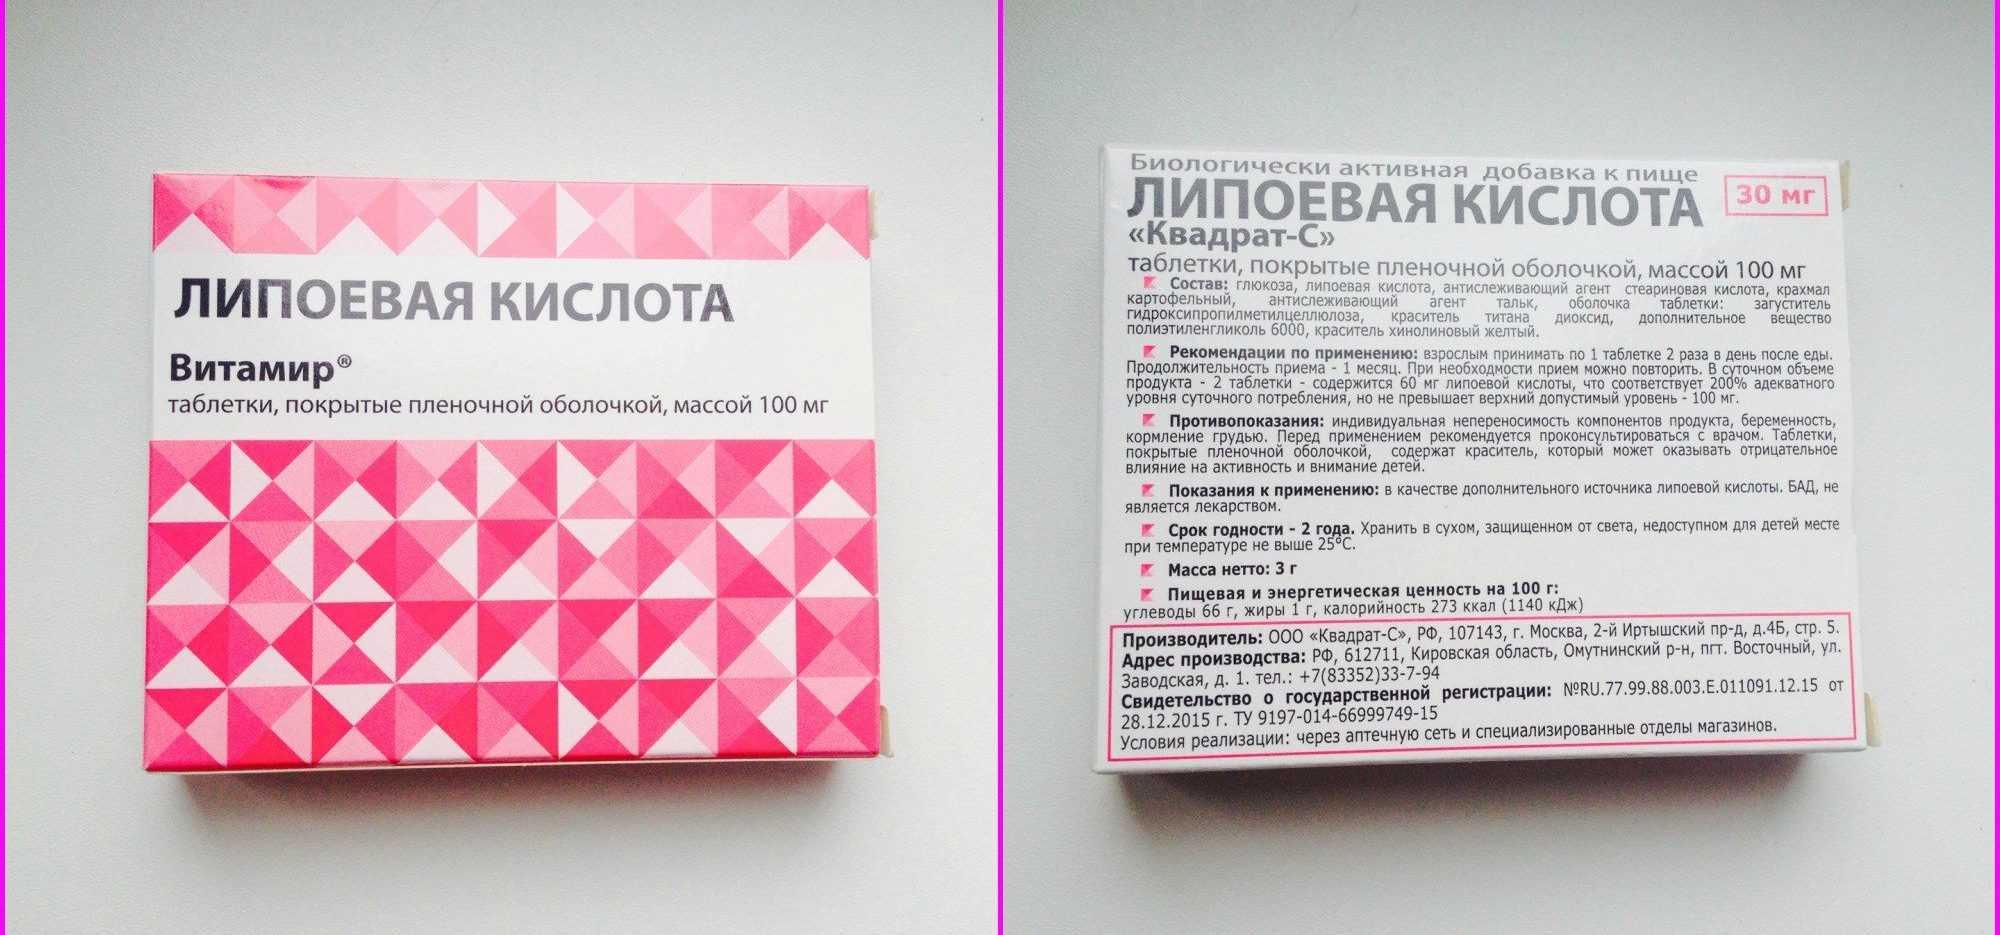 препарат Липоевая кислота